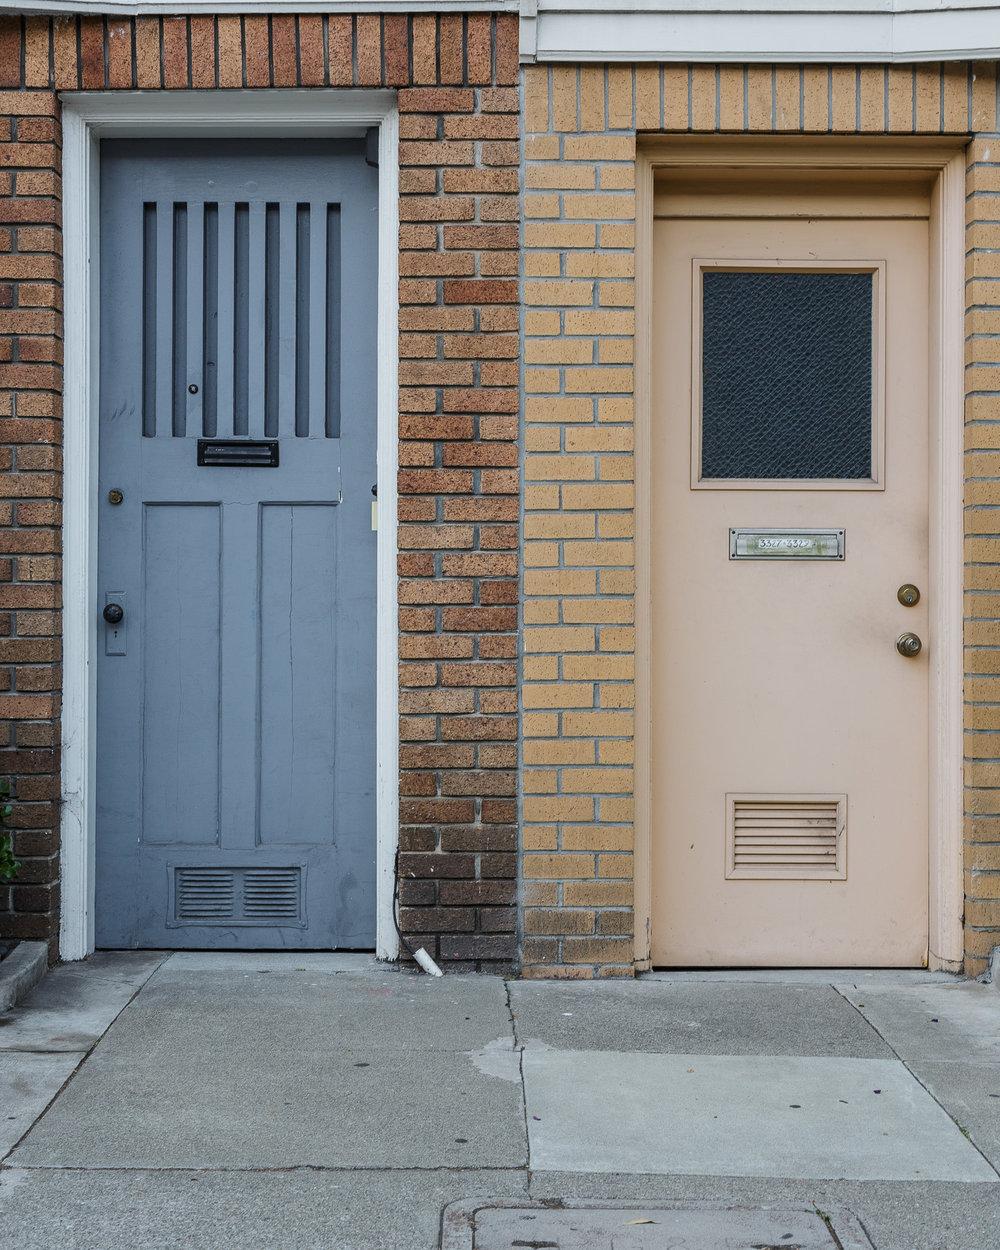 Doors__2018_10_17_189.jpg